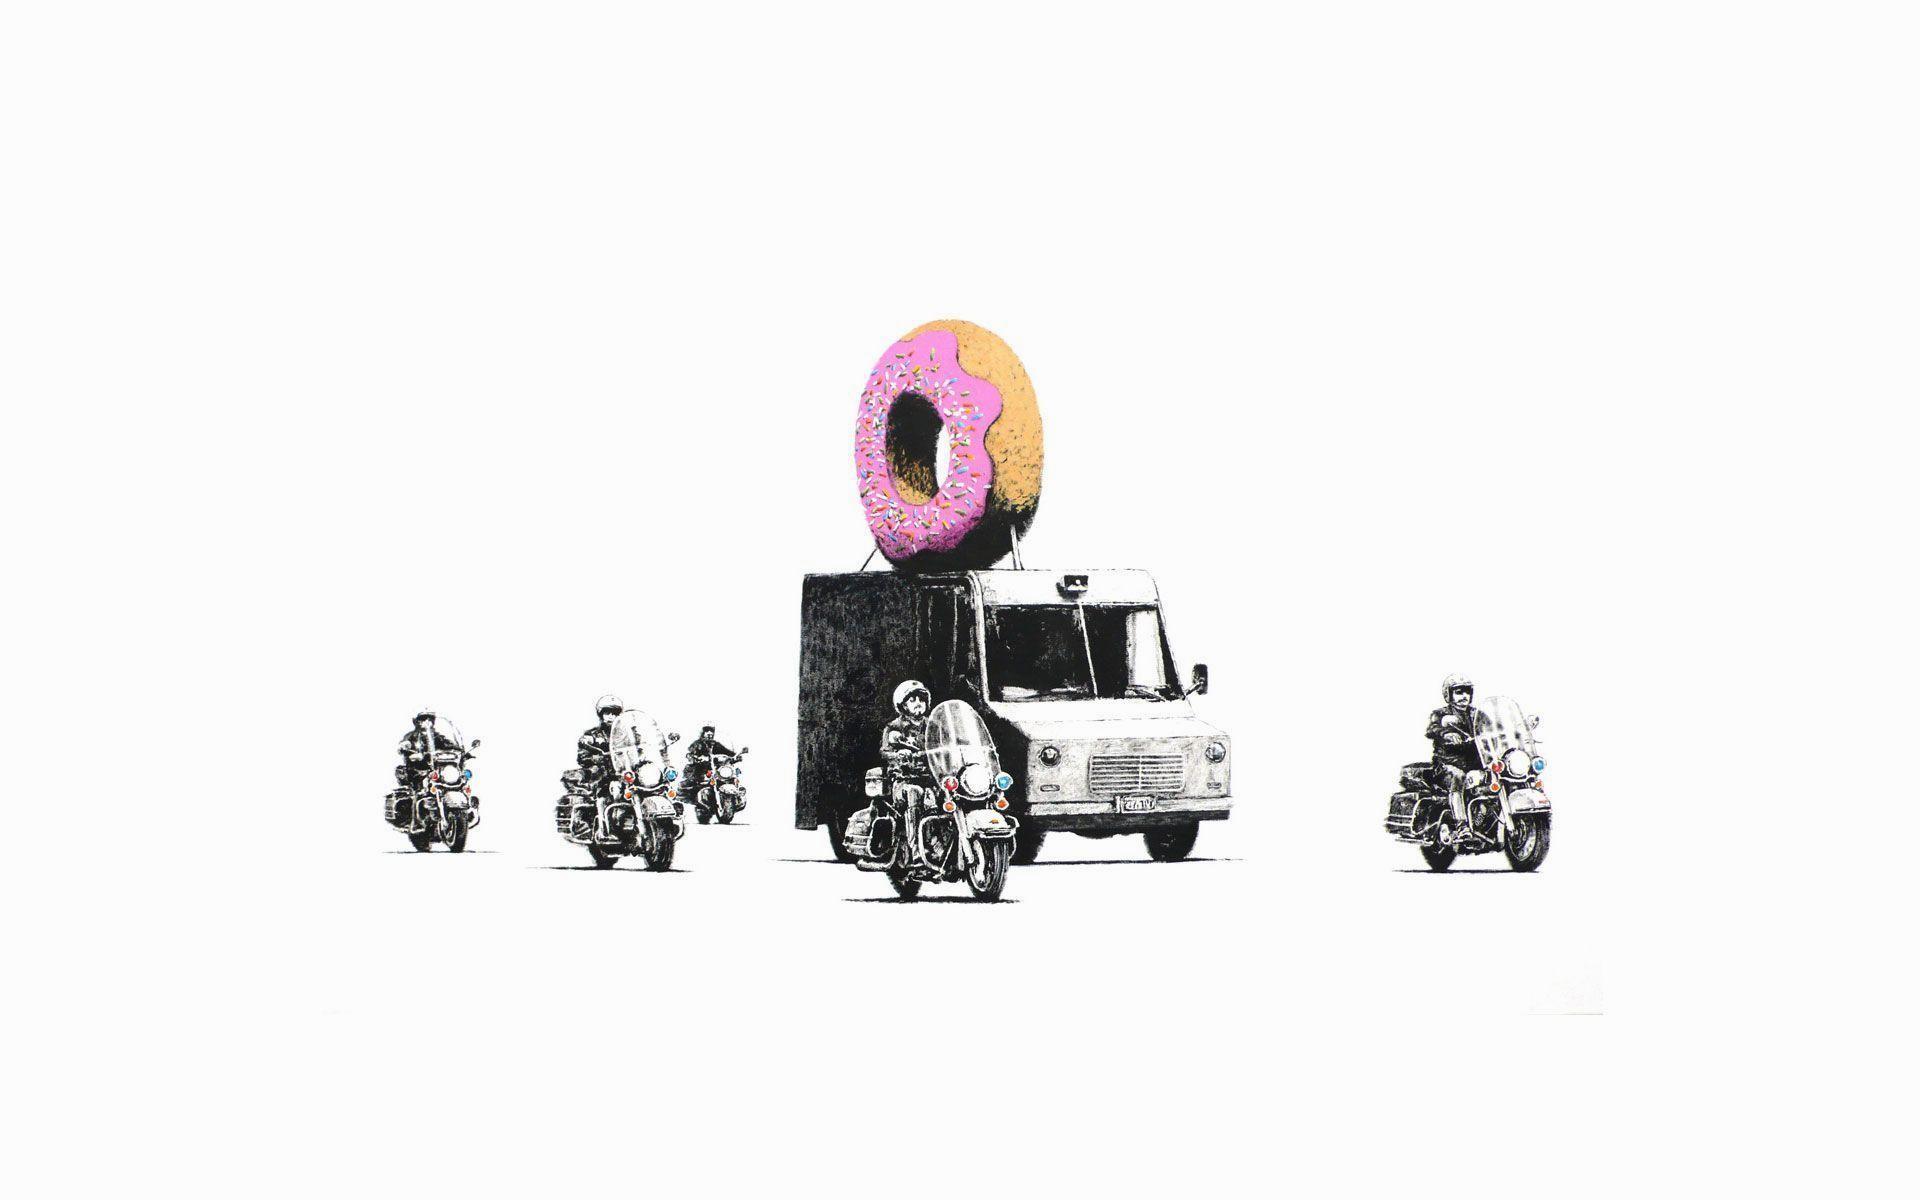 wallpaper.wiki-Banksy-Art-Wallpaper-Free-Download-PIC-